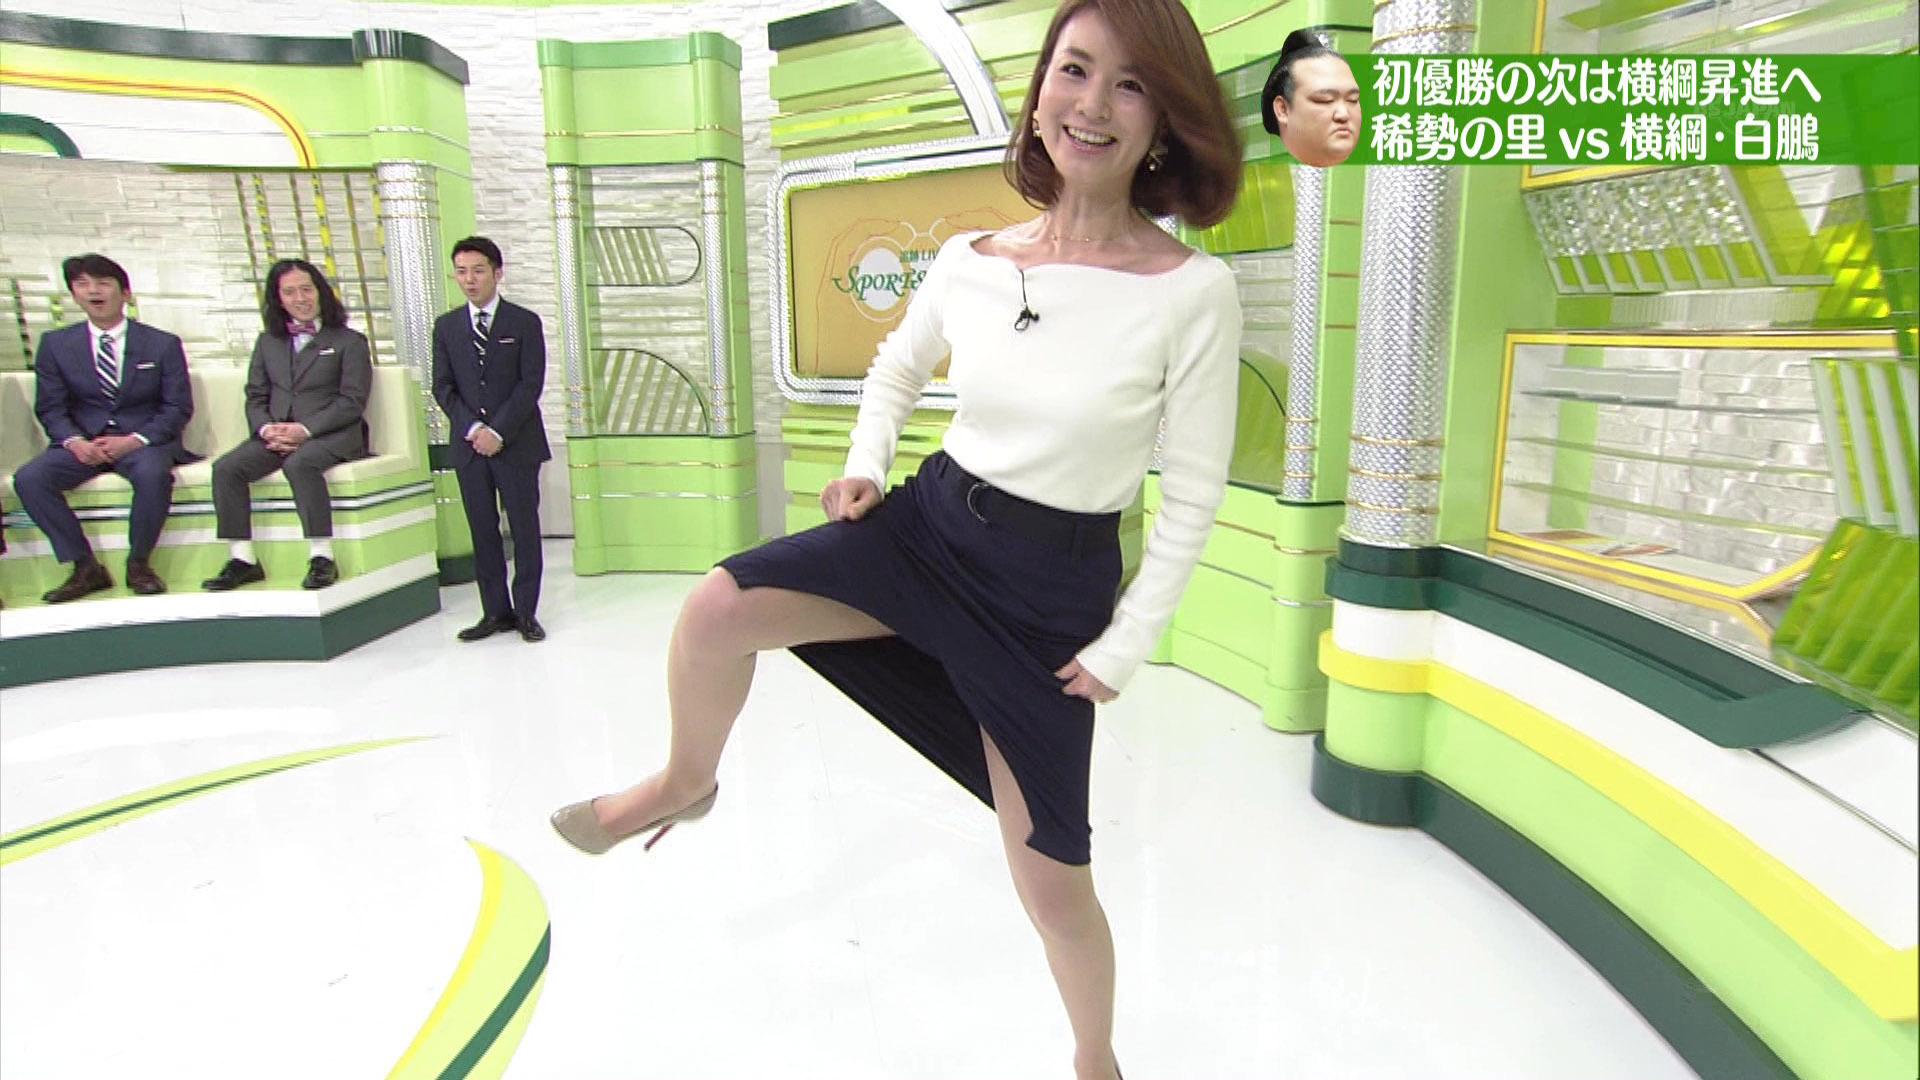 秋元玲奈アナ スカートでシコを踏んで股間がギリギリ過ぎ!!【GIF動画あり】